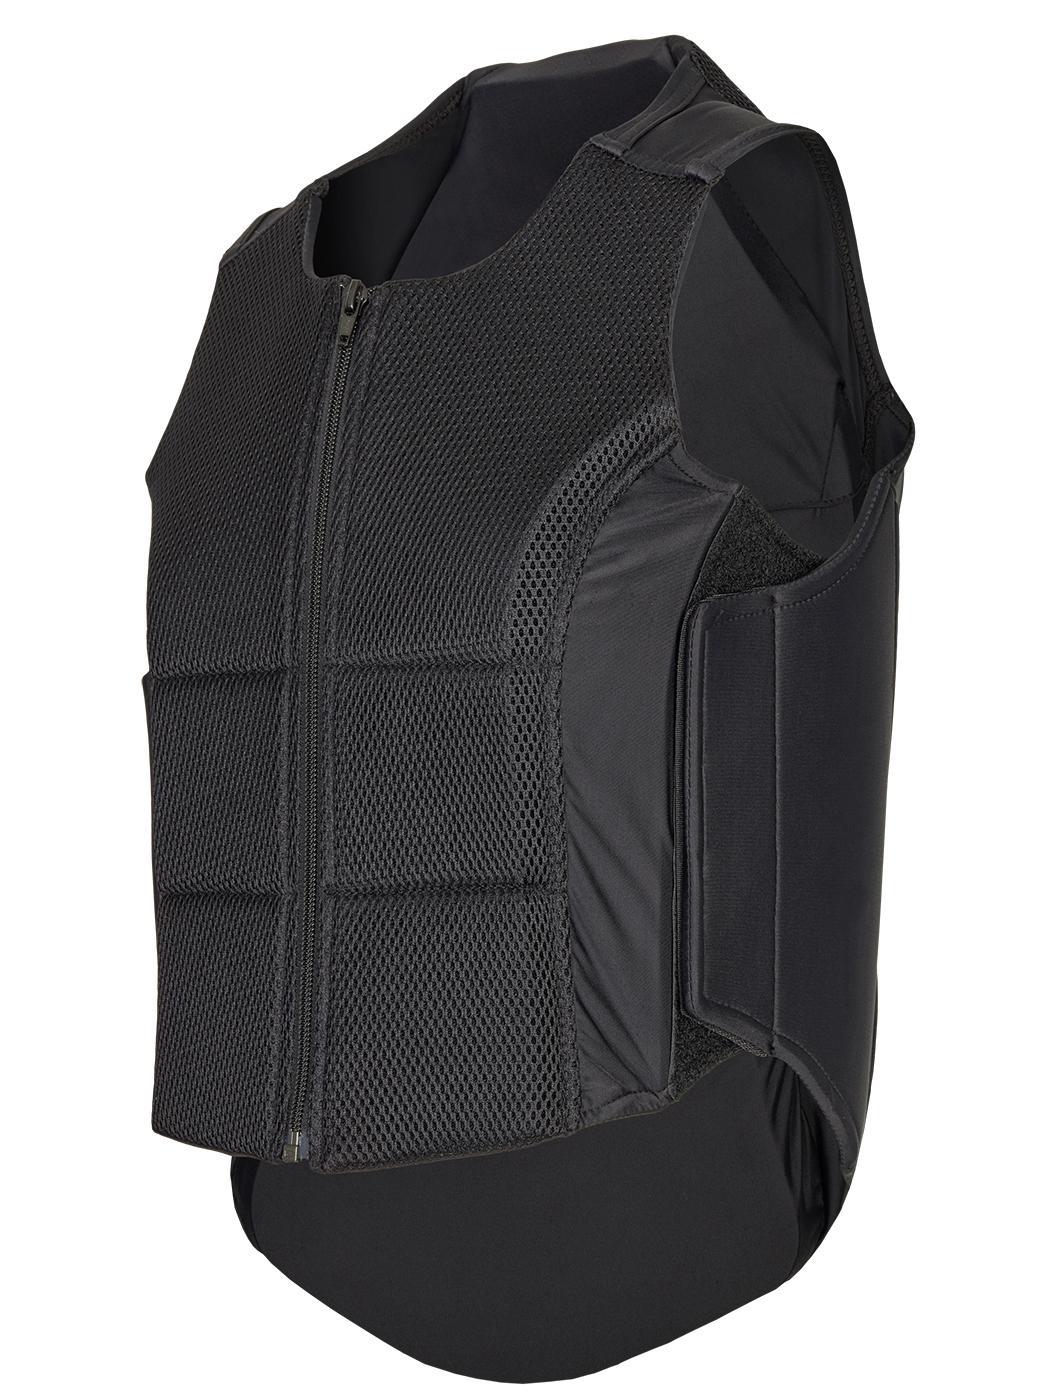 Busse-Pro Kinder Rückenprotector